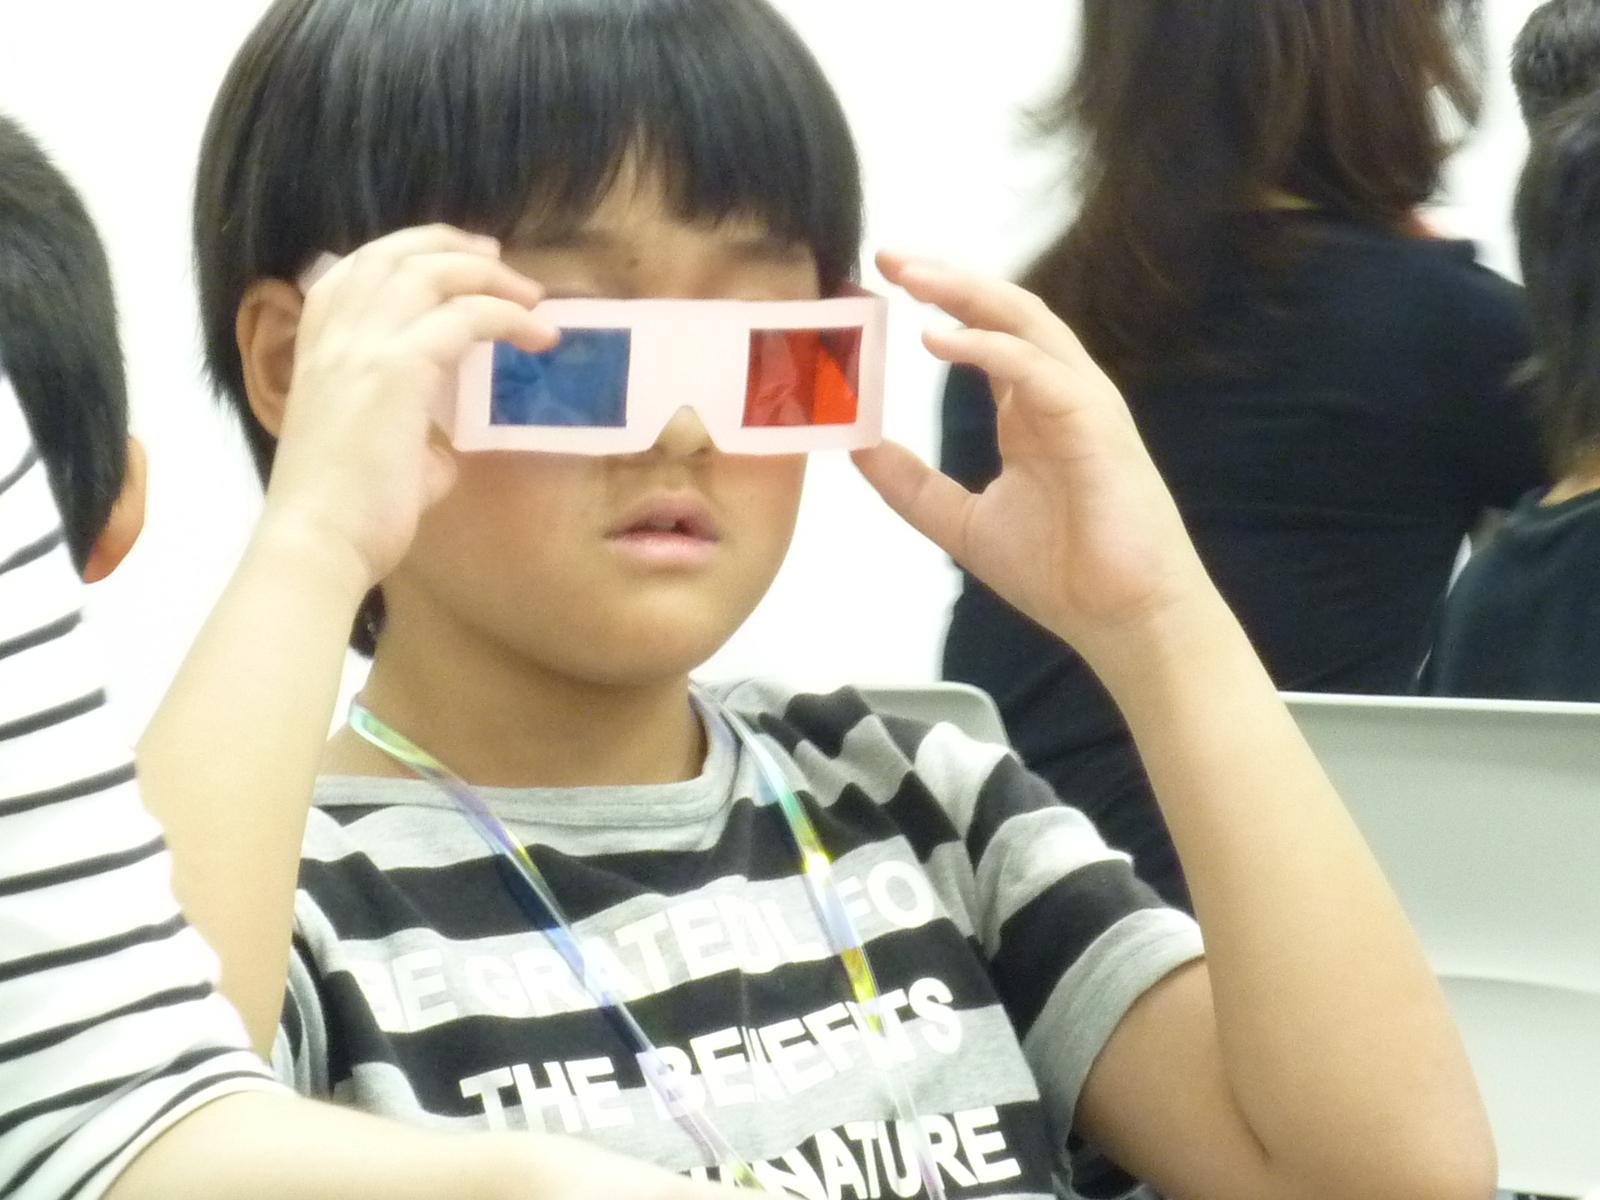 『スペシャル実験室~3Dを科学しよう~』話題の「3D」のしくみについて学びませんか?参加者募集中